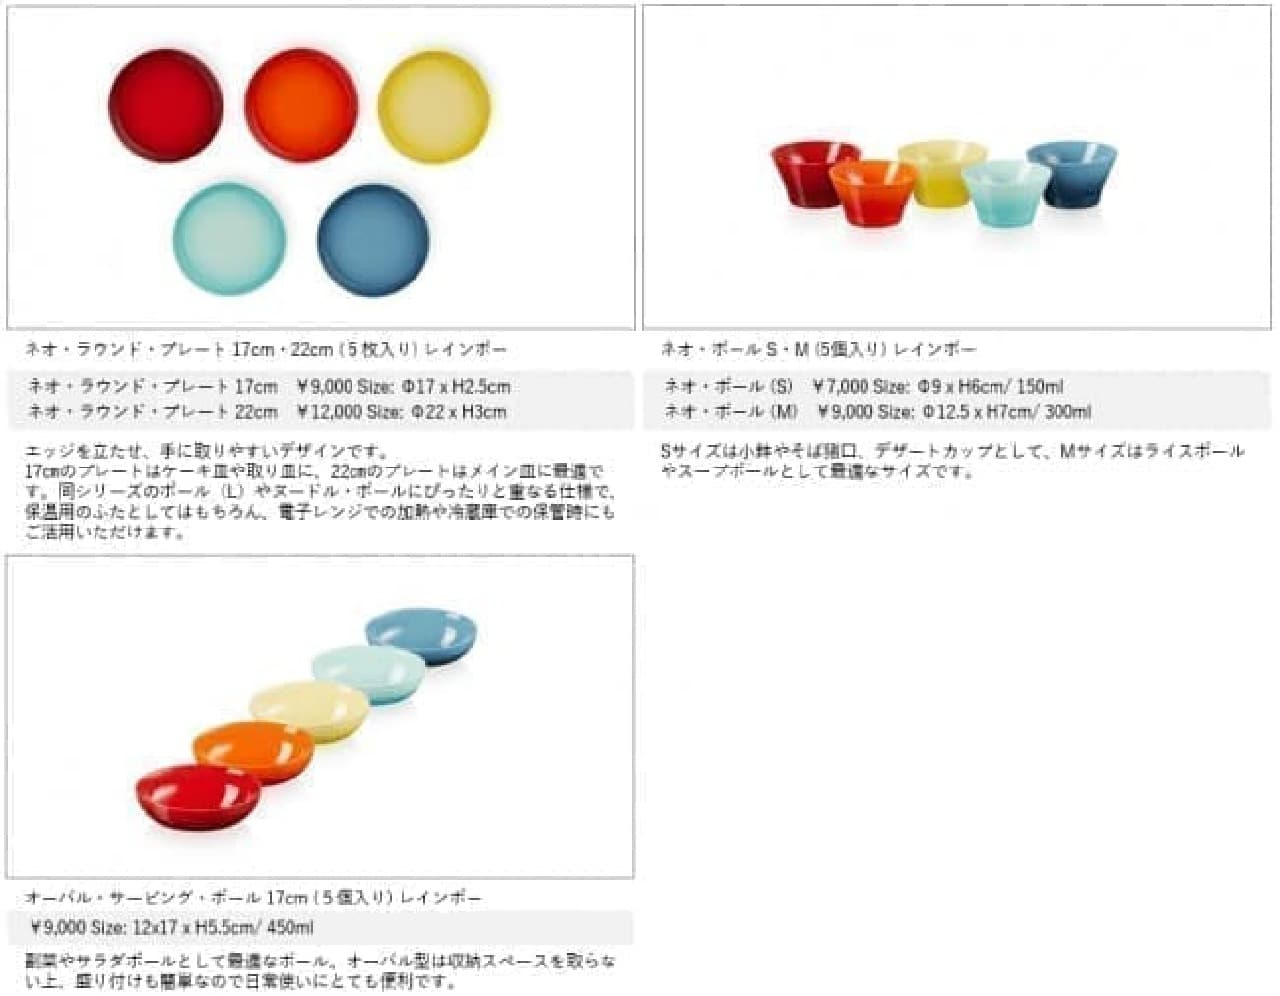 ・ココット・エブリィ 20(6色展開)25,000円 ・ココット・エブリィ 20 インナーリッド 2,000円